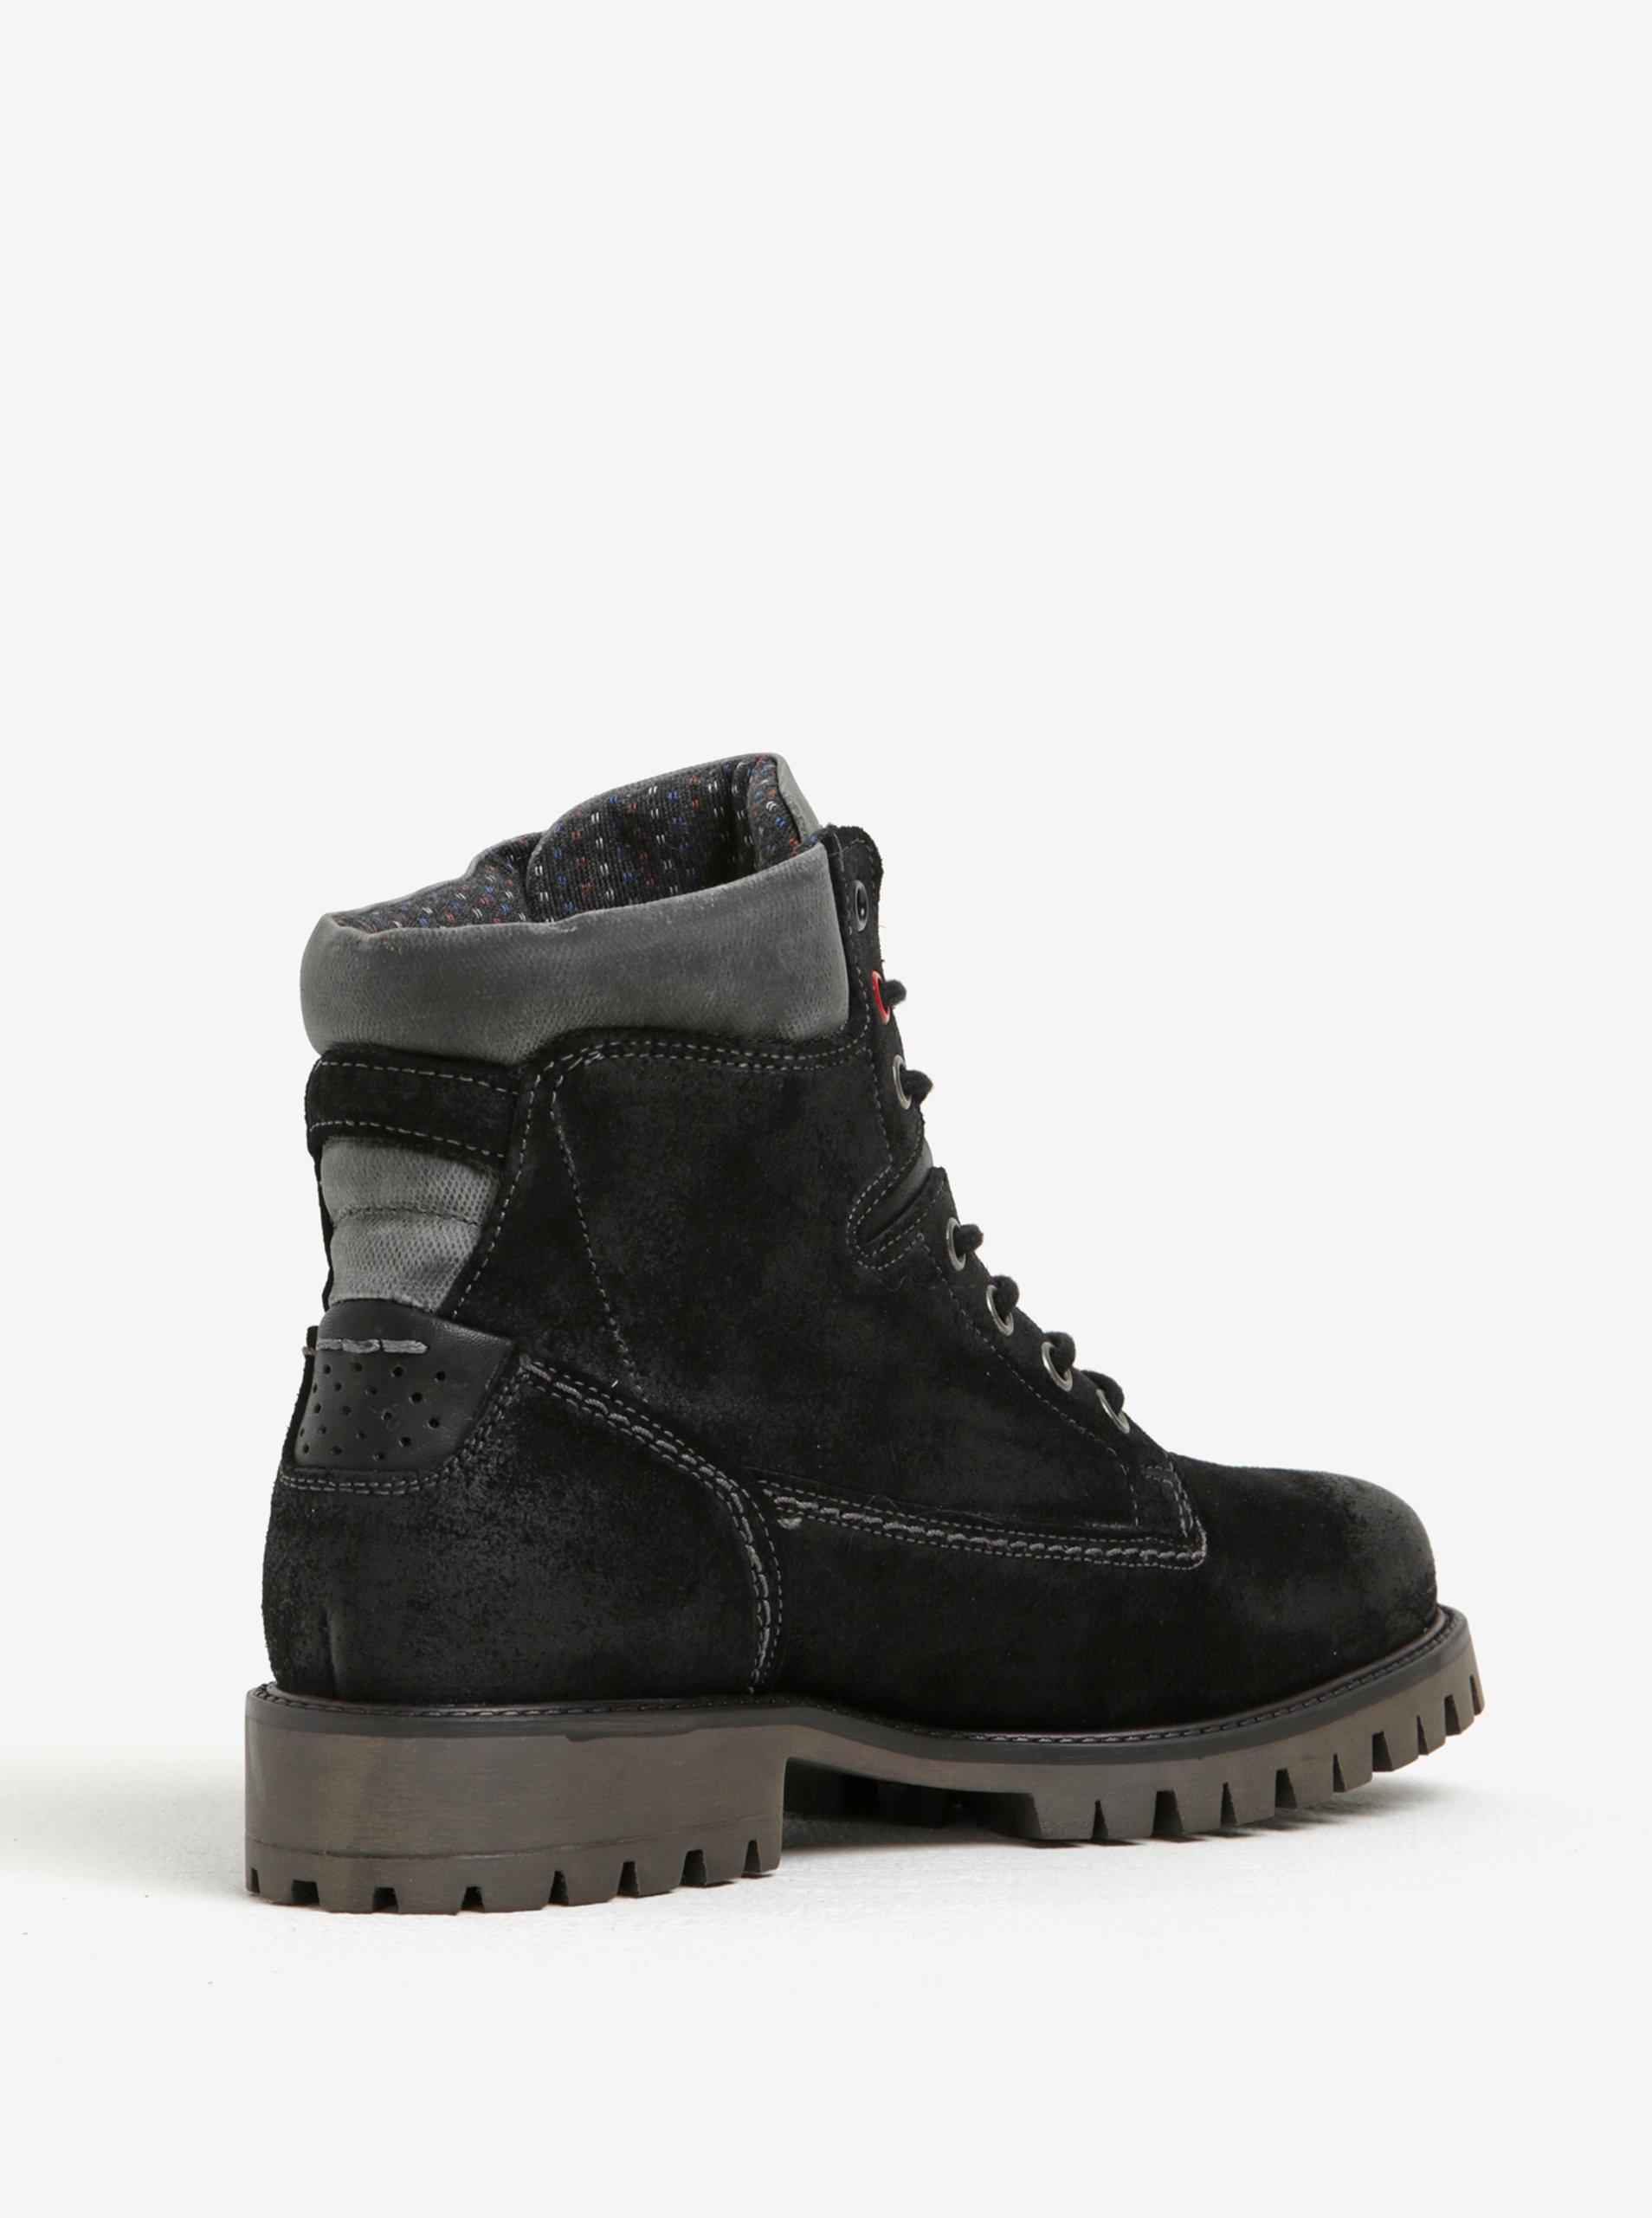 76a183e288 Čierne členkové semišové topánky U.S. Polo Assn. ...